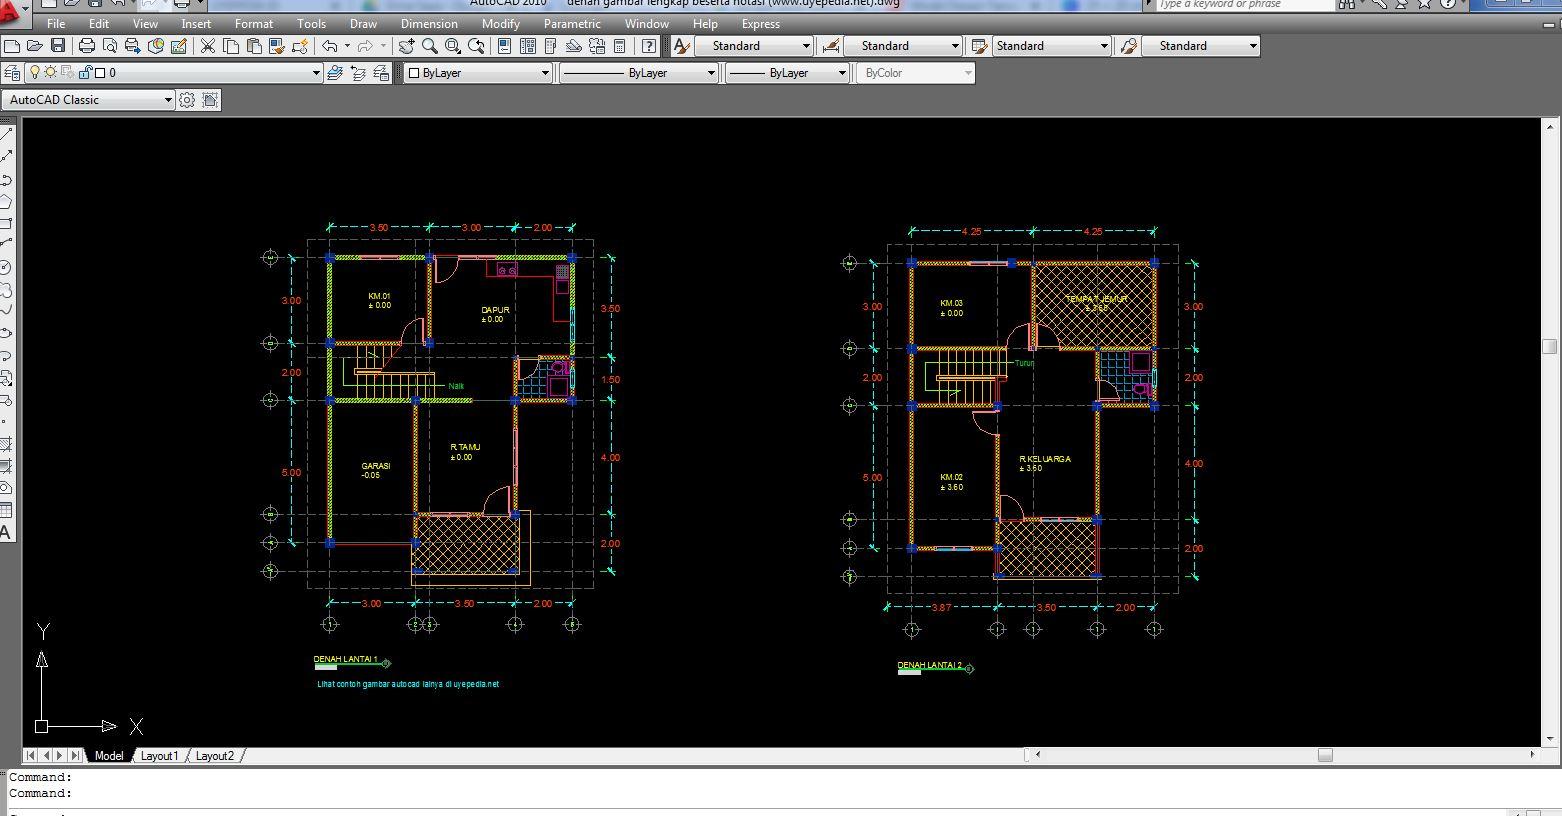 Contoh Gambar Denah Rumah 2 Lantai Autocad Dwg Lengkap Beserta Notasinya